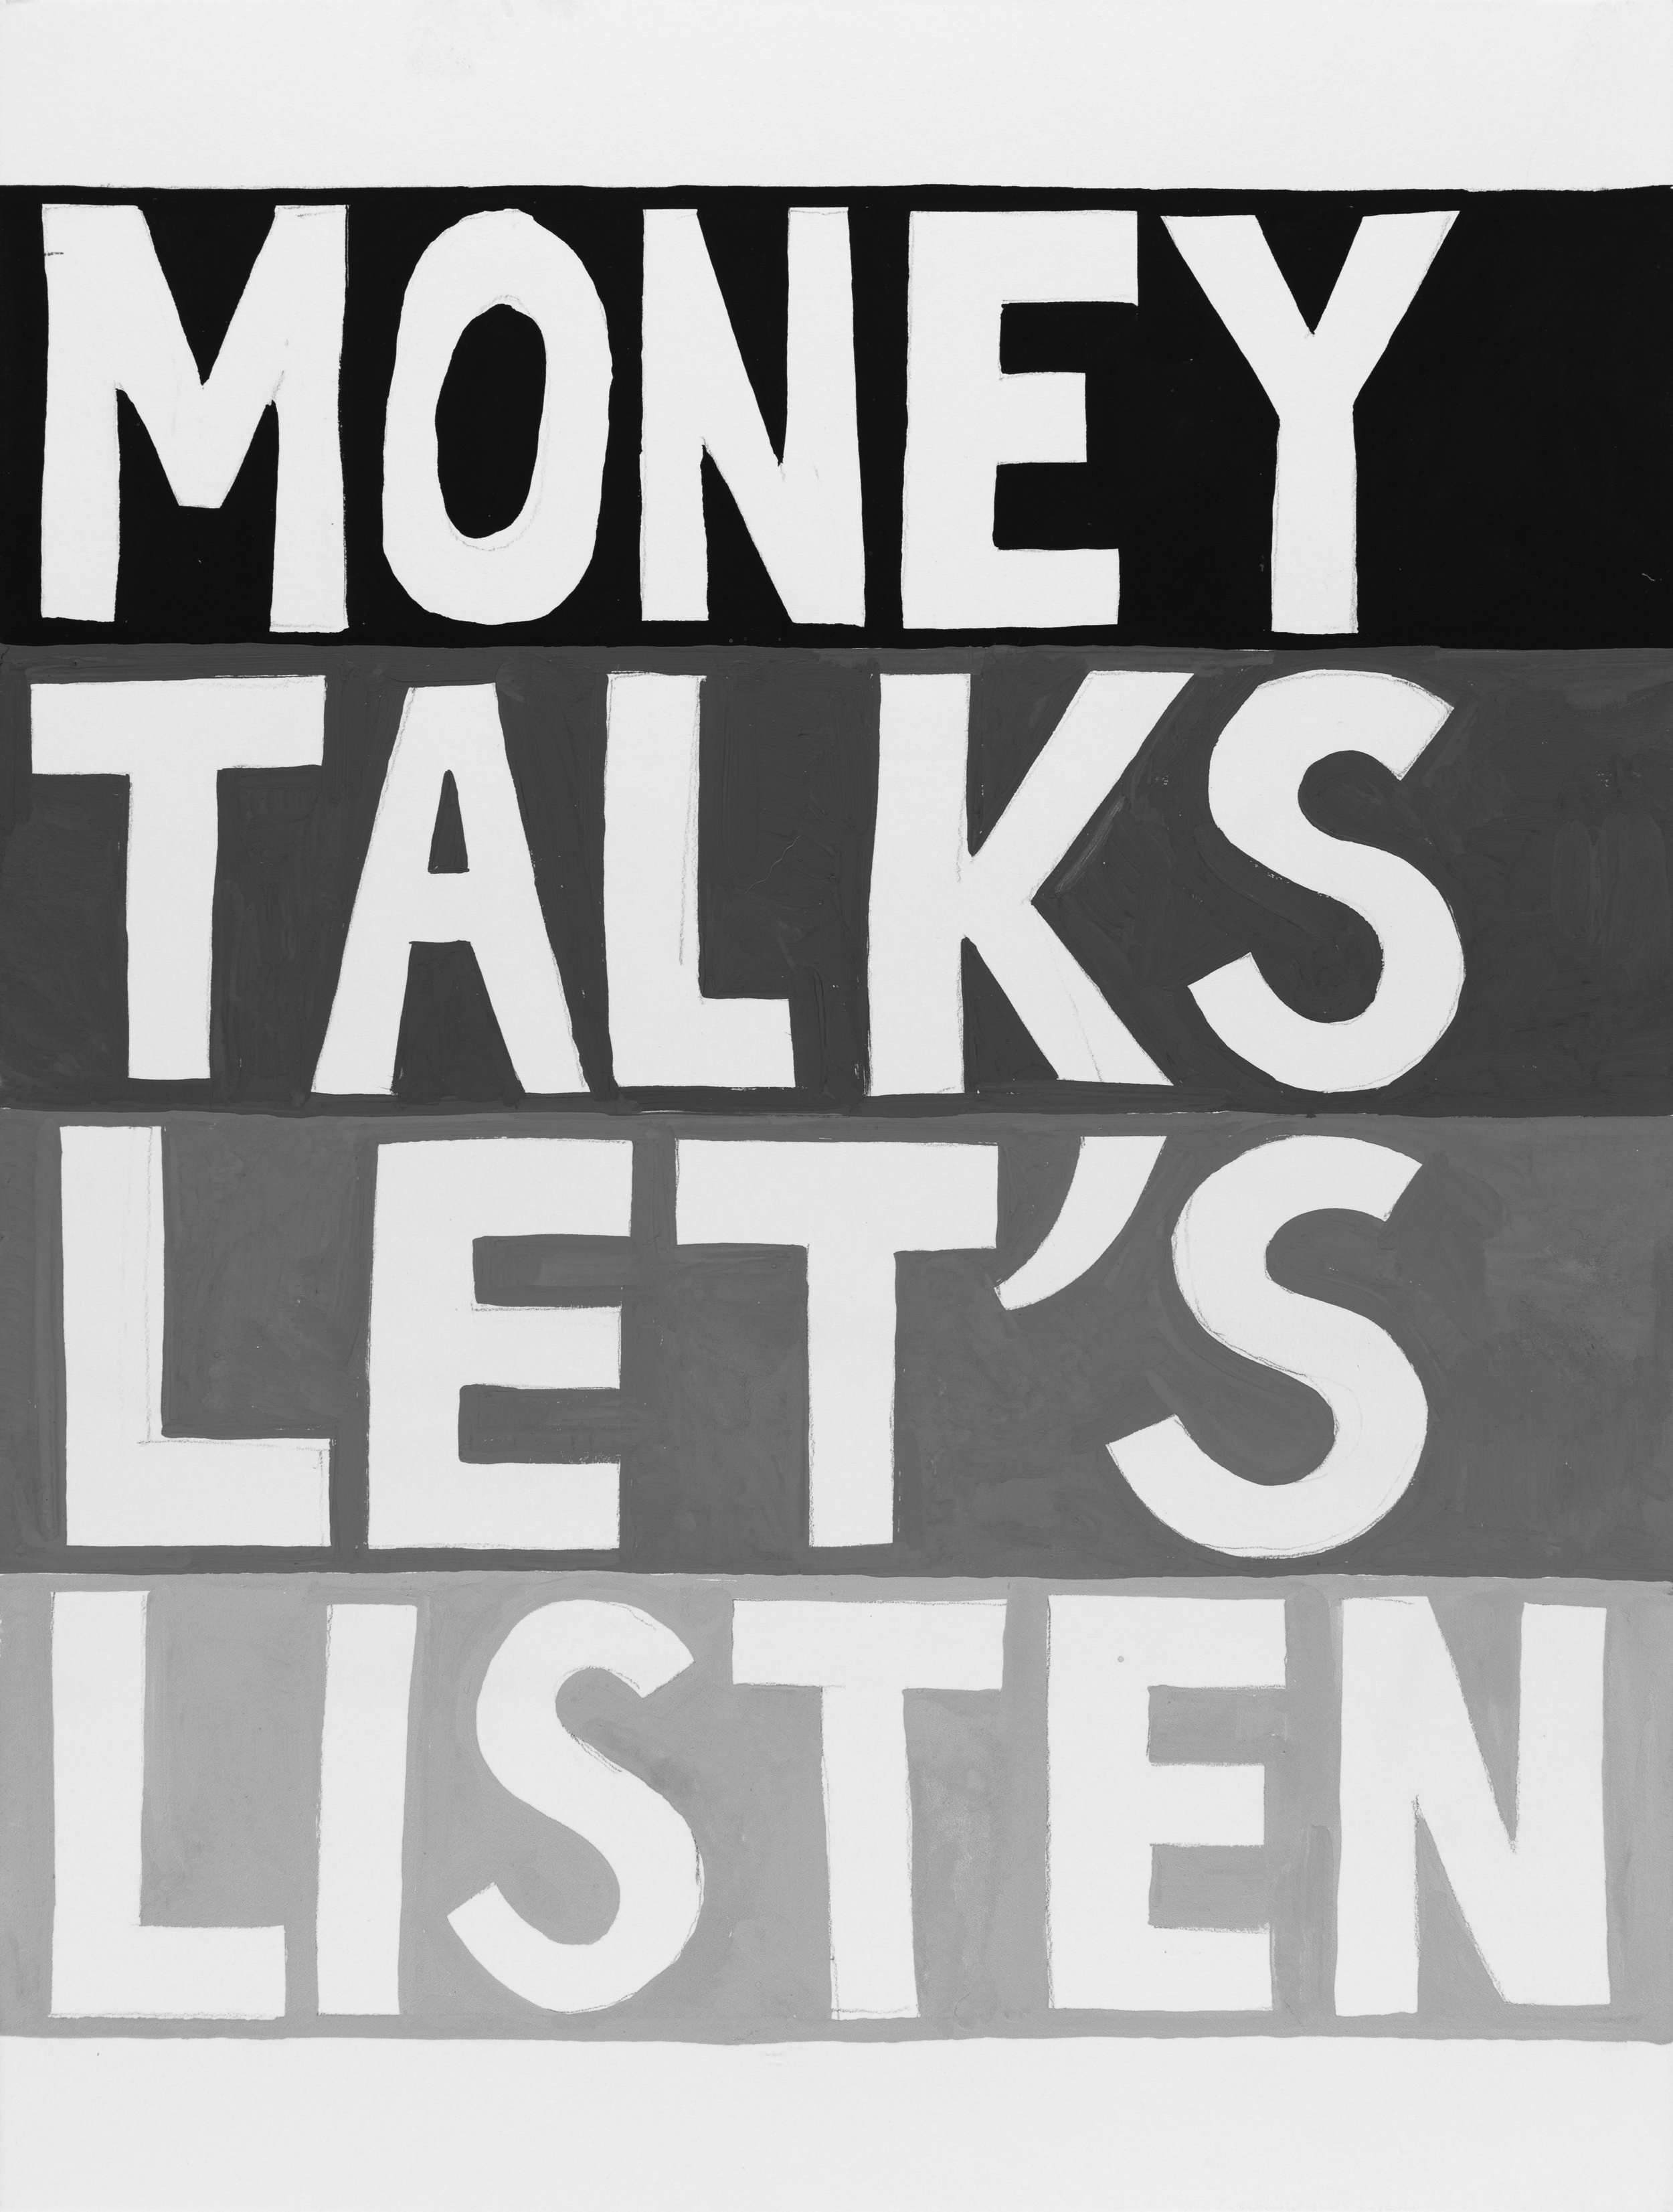 moneytalksletslisten.jpg